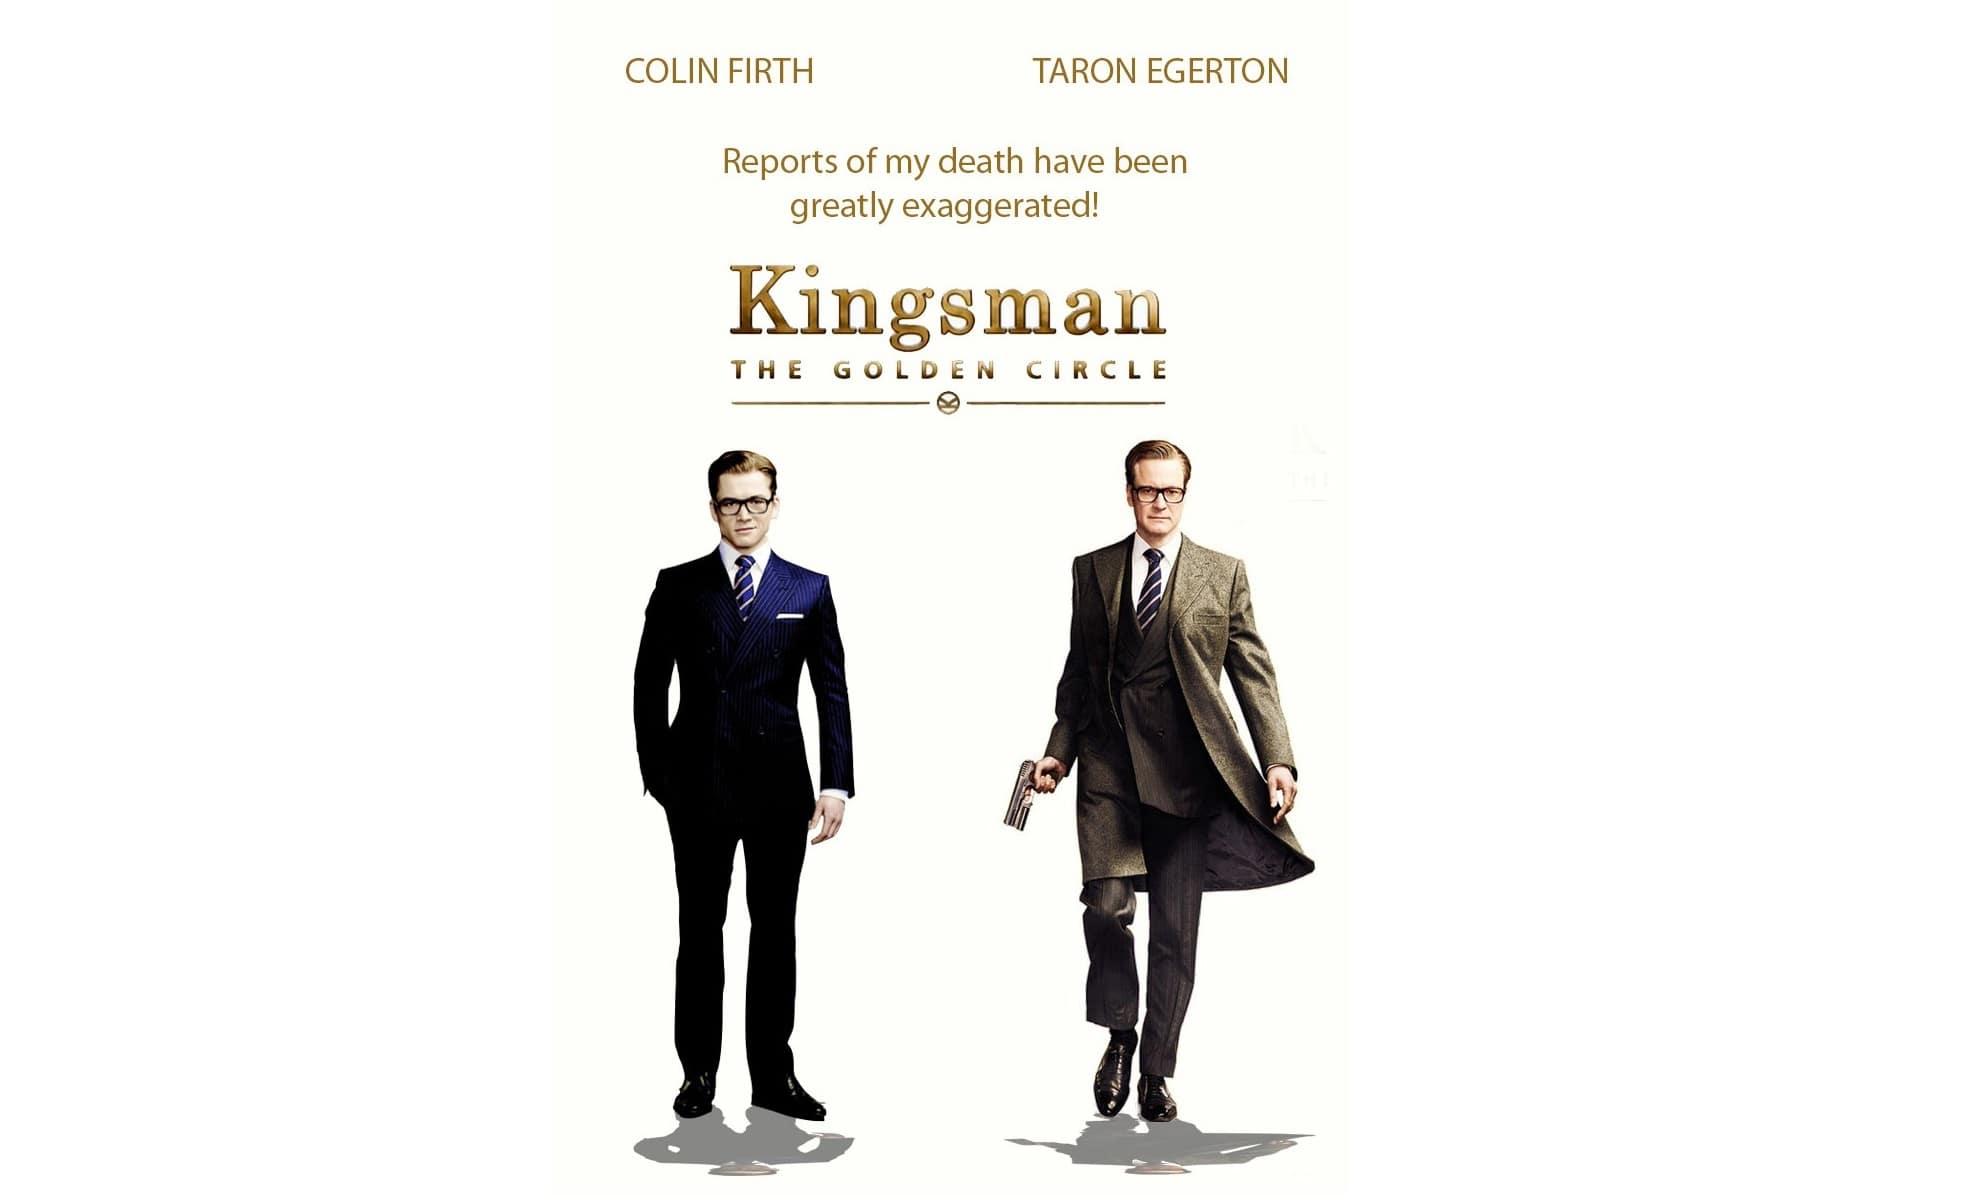 Kingsman: The Golden Circle Screensavers